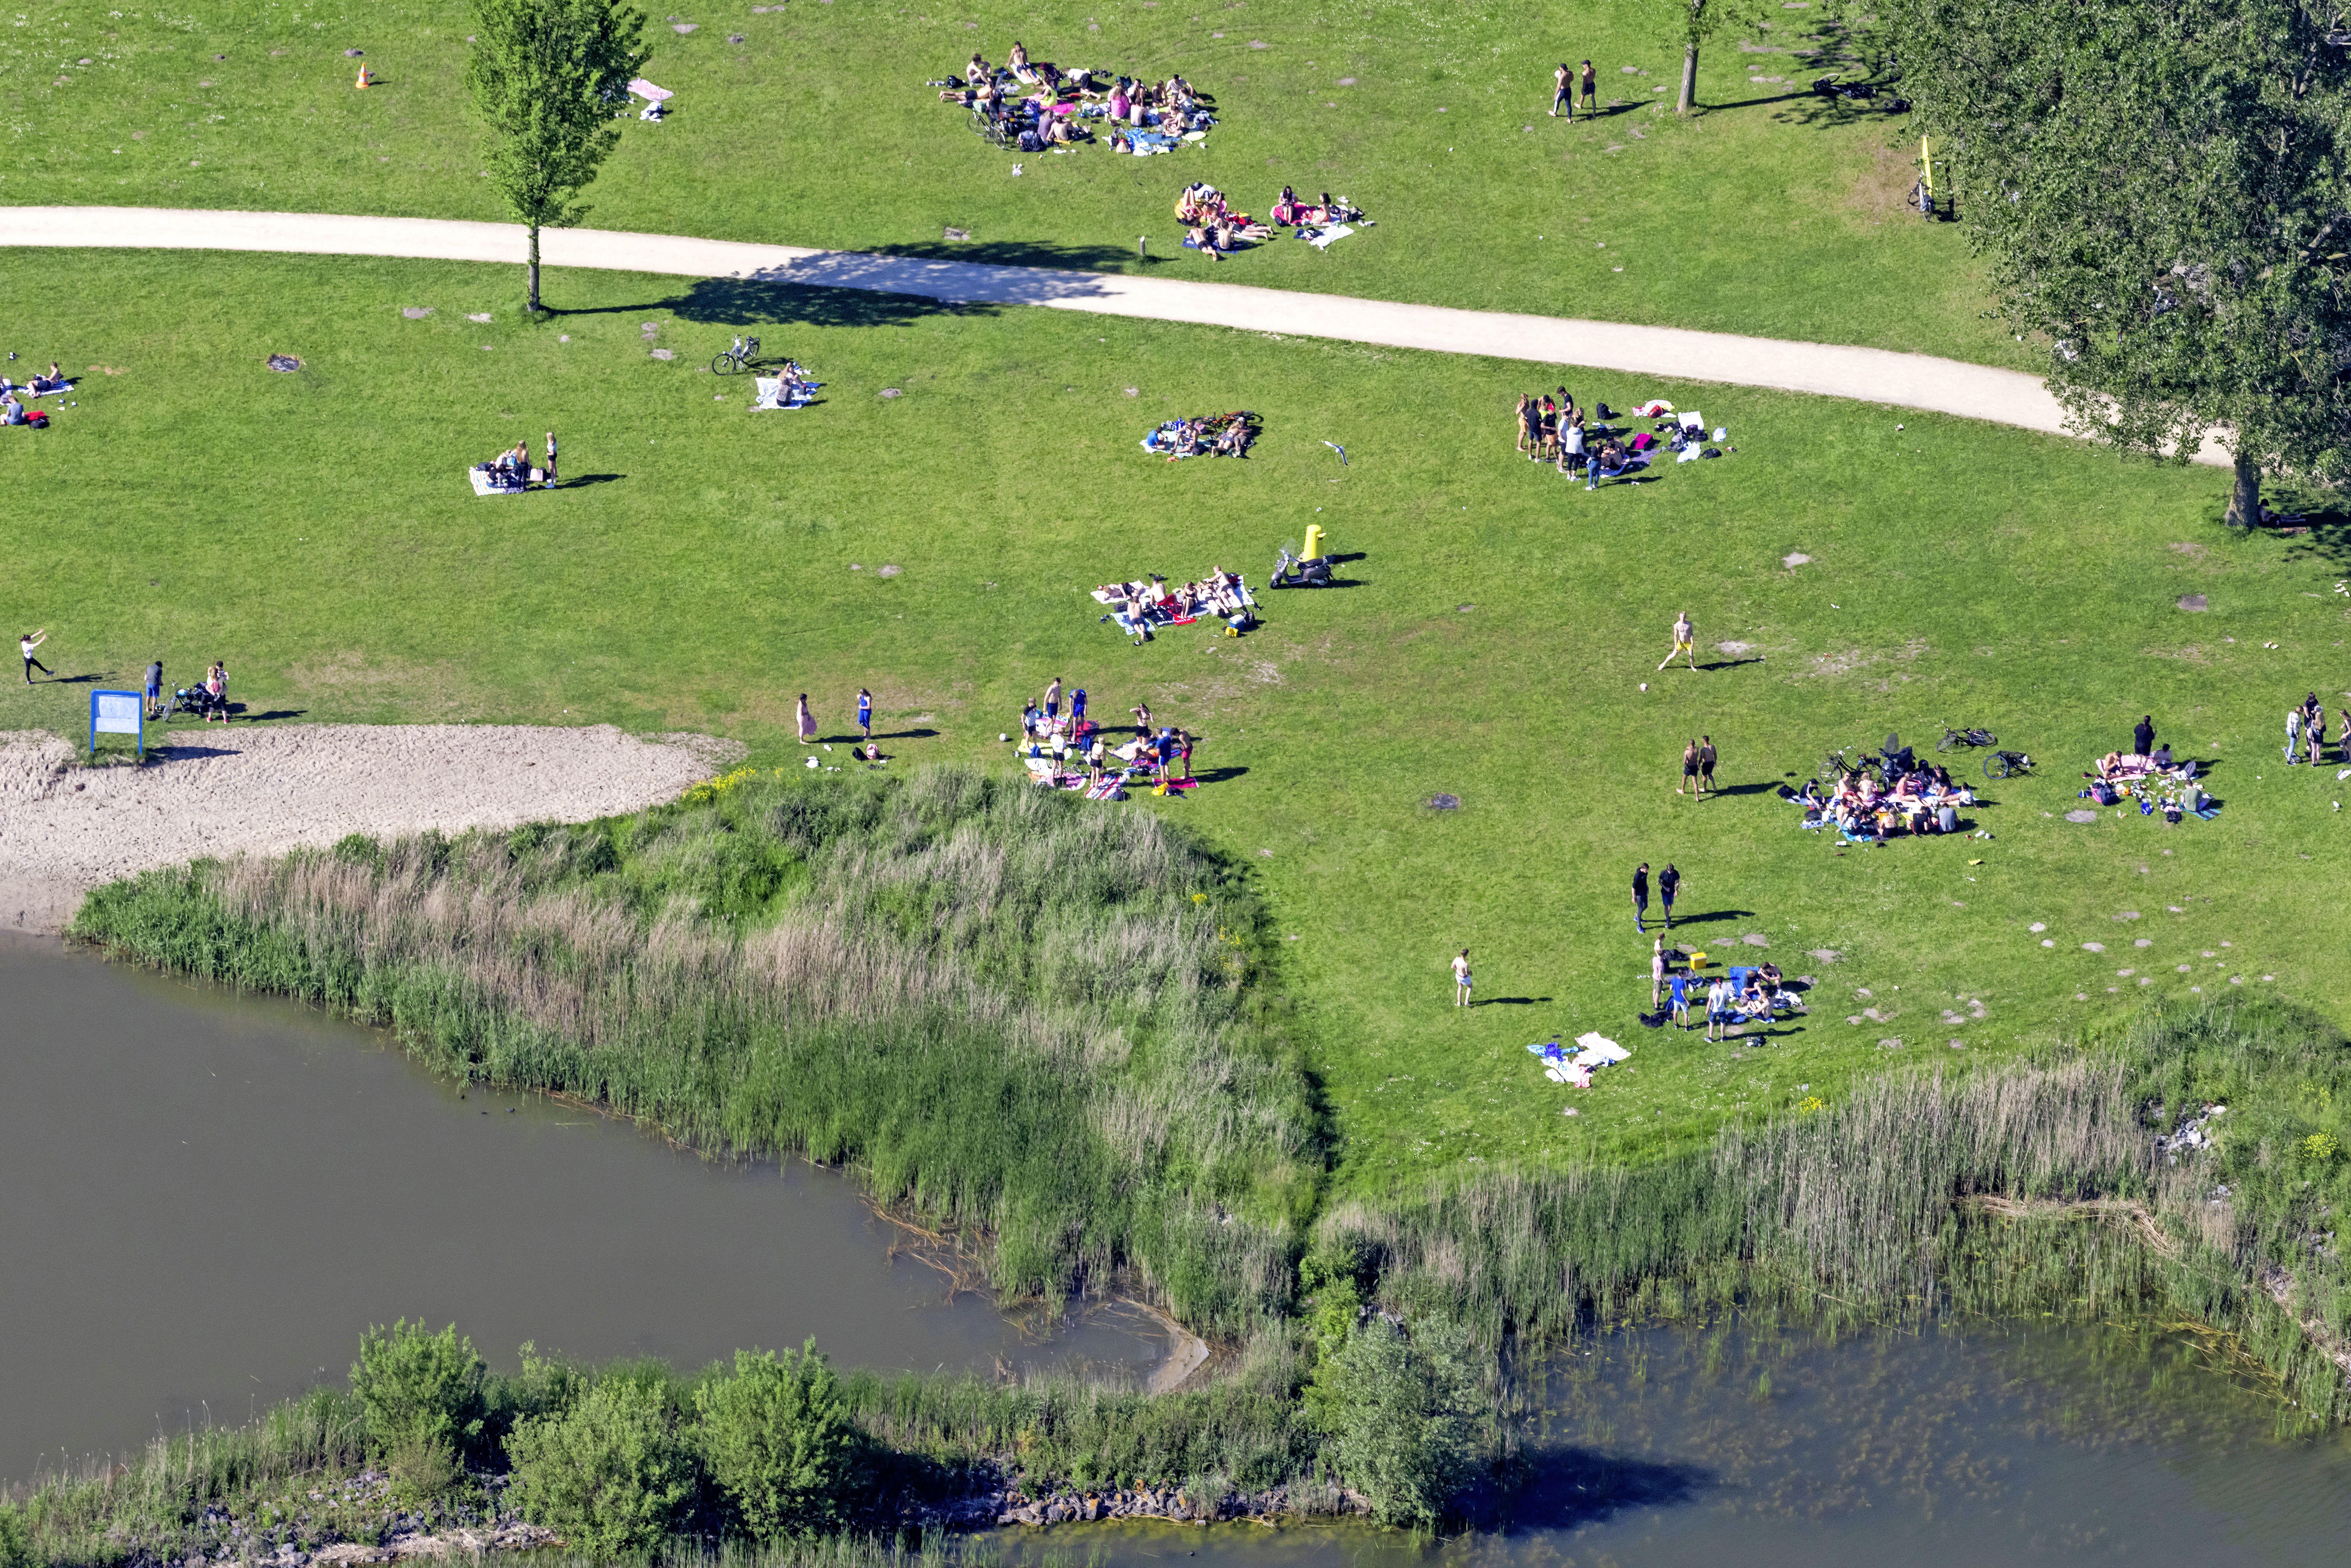 Recreatiegebied Geestmerambacht trekt 2,2 miljoen bezoekers. Door corona enorme stijging